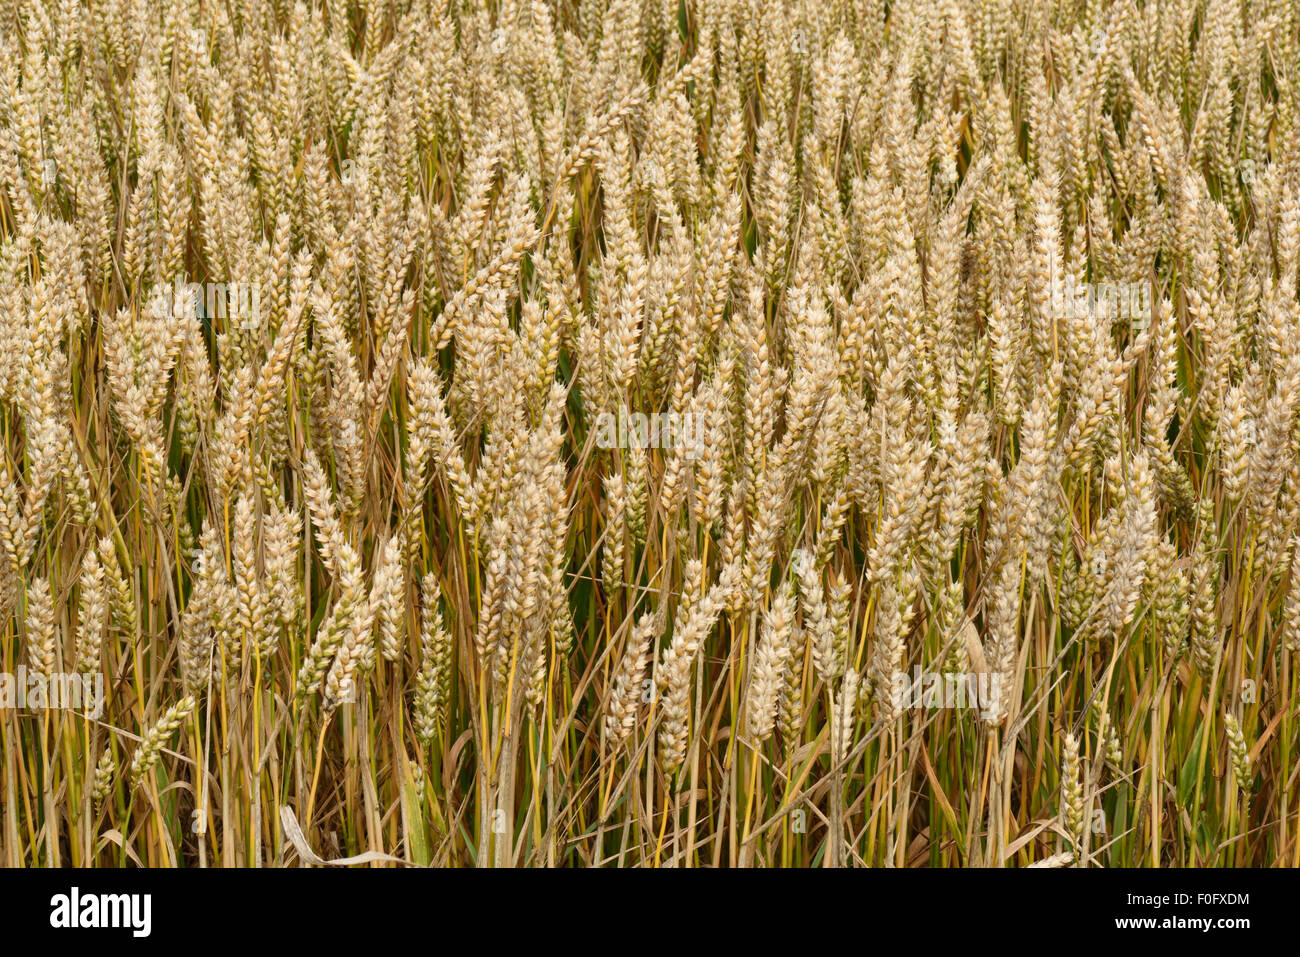 Le orecchie e le piante di frumento invernale maturazione del raccolto, Berkshire, Agosto Immagini Stock